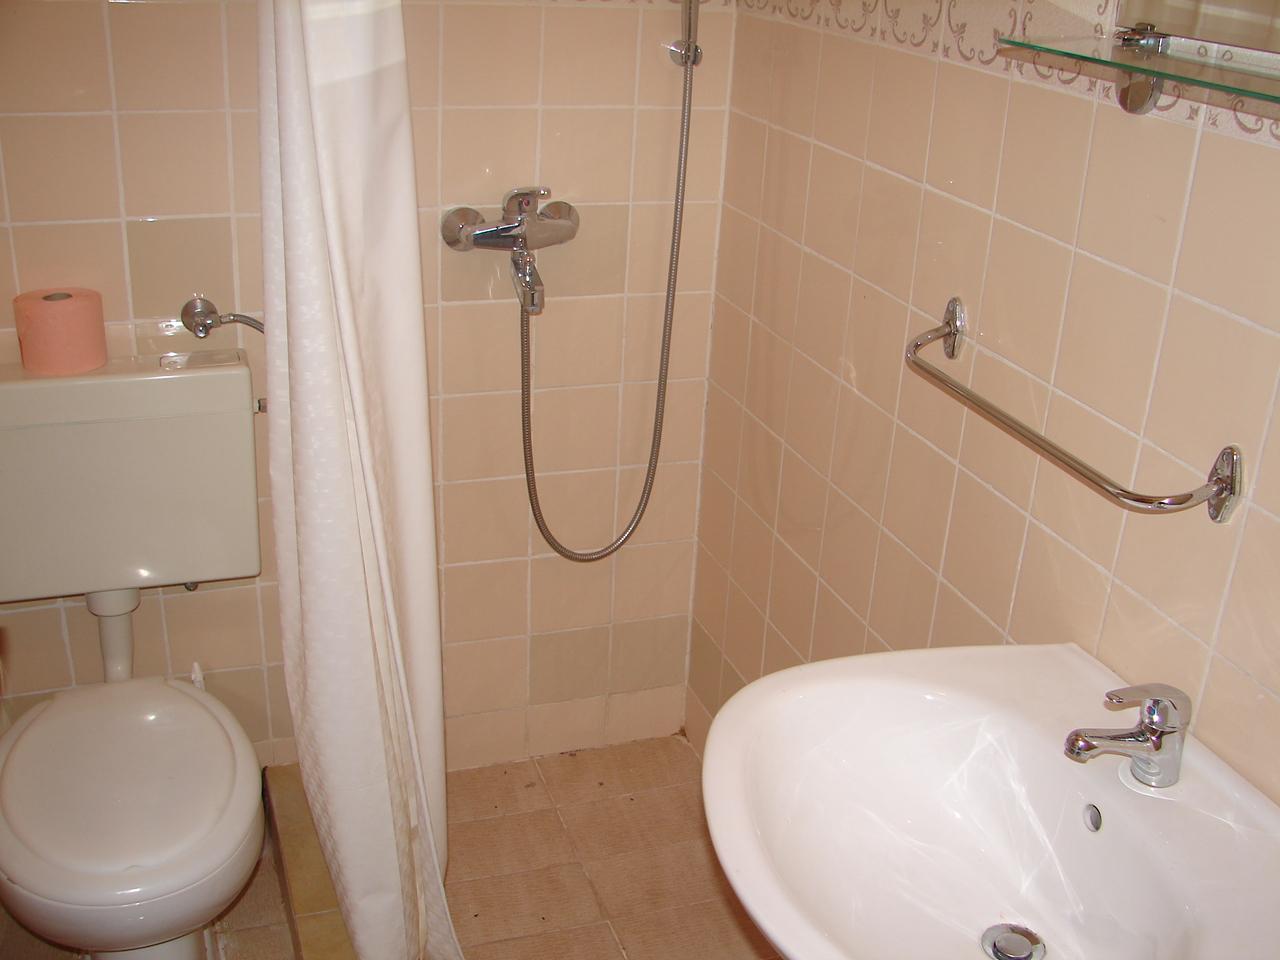 00217VIGA - Viganj - Appartamenti Croazia - A3(4): il bagno con la toilette